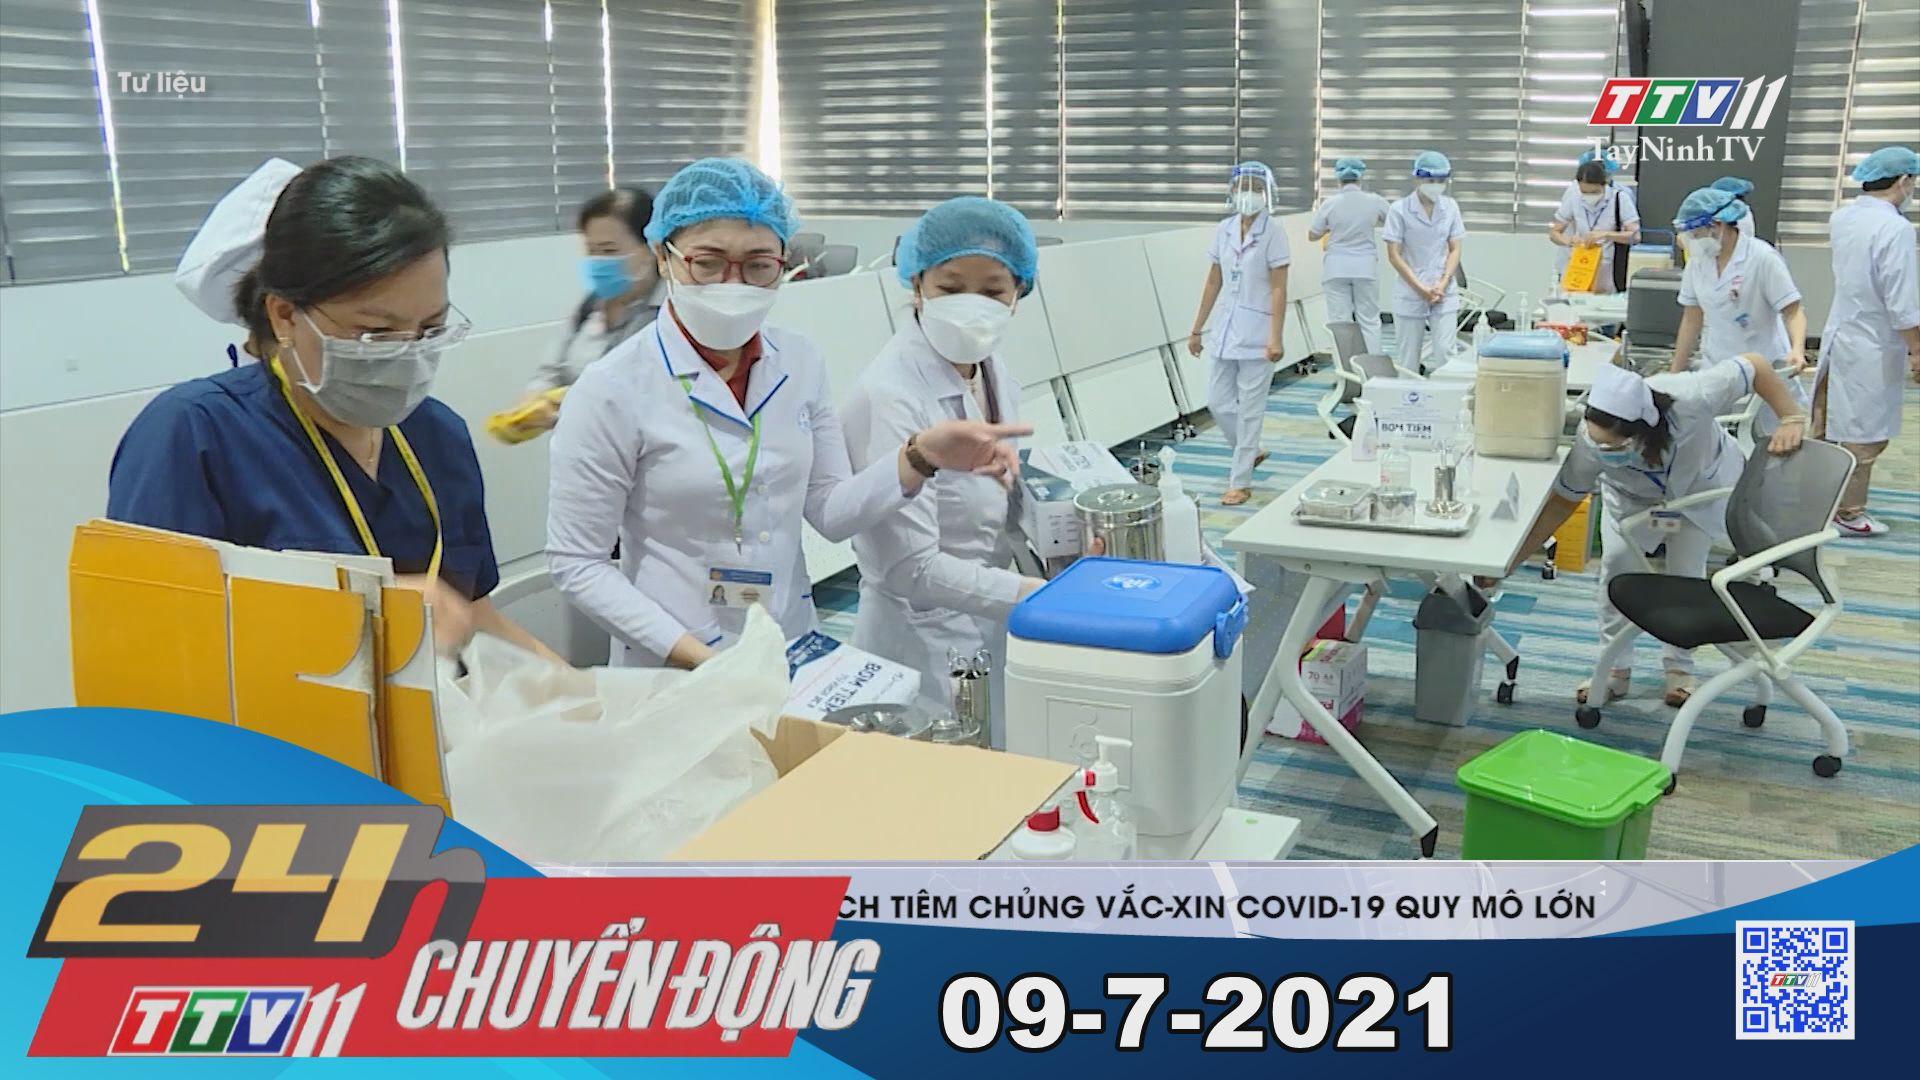 24h Chuyển động 09-7-2021   Tin tức hôm nay   TayNinhTV